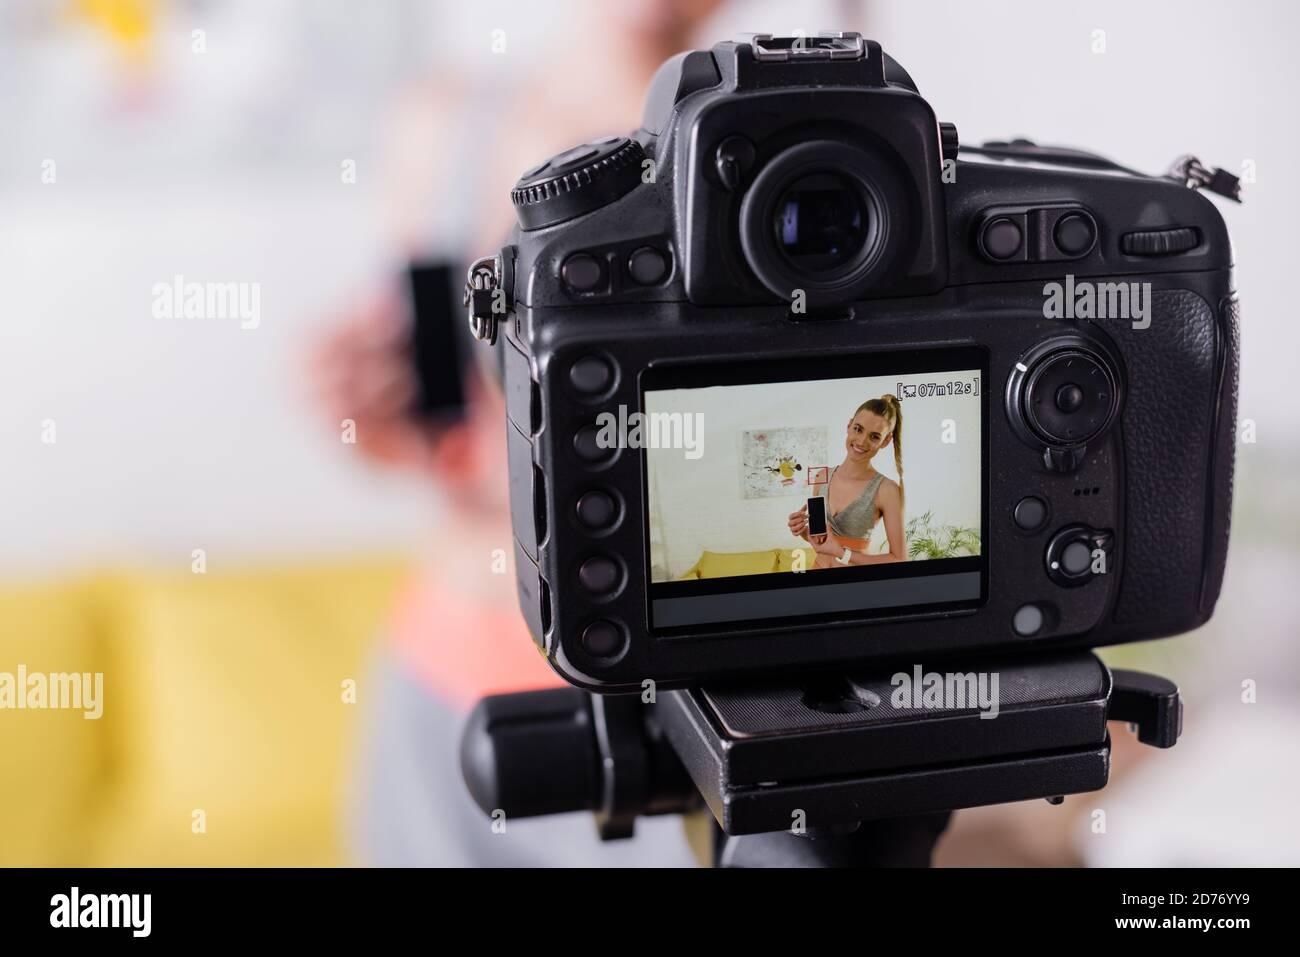 Mise au point sélective d'un smartphone sportswoman souriant avec écran vierge près de l'appareil photo numérique Banque D'Images